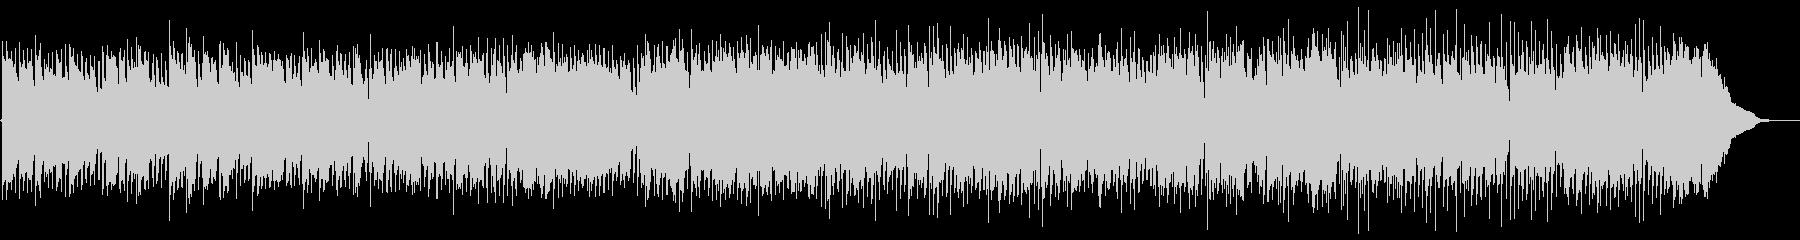 パッヘルベルのカノンJazzの未再生の波形